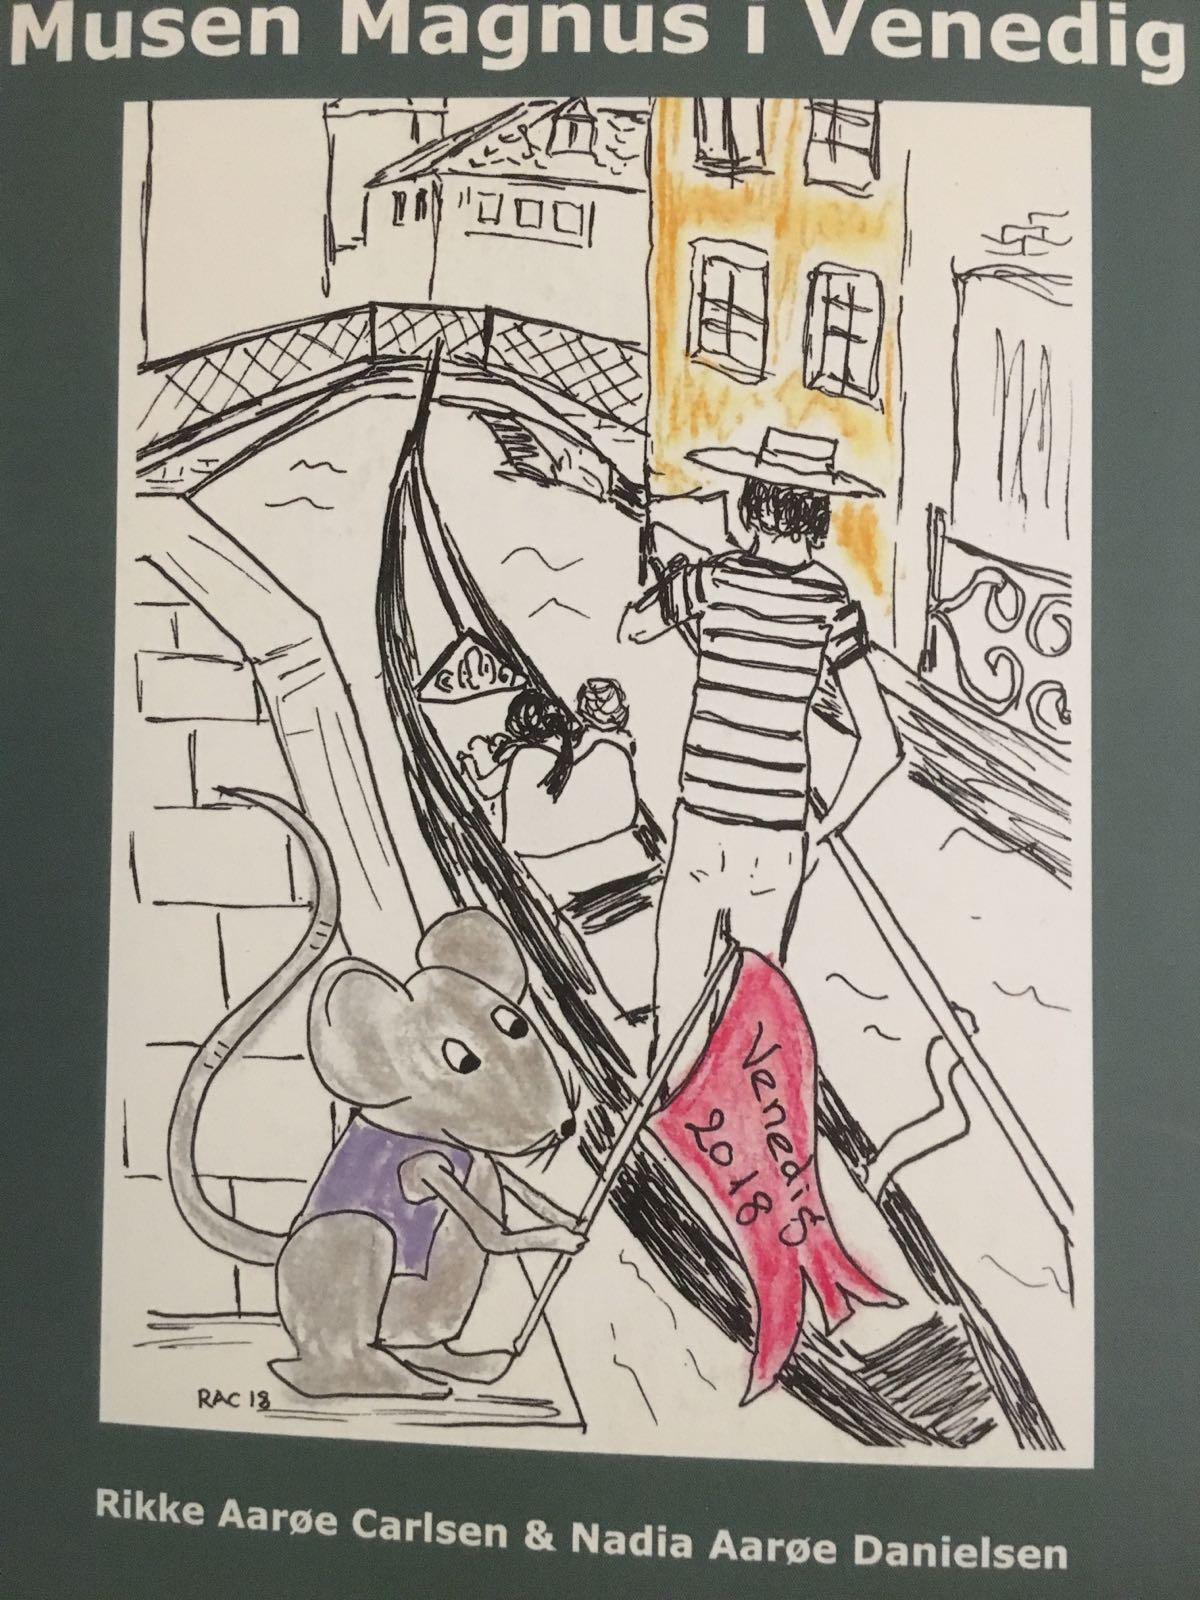 Musen Magnus i Venedig af Rikke Aarøe Carlsen og Nadia Aarøe Danielsen